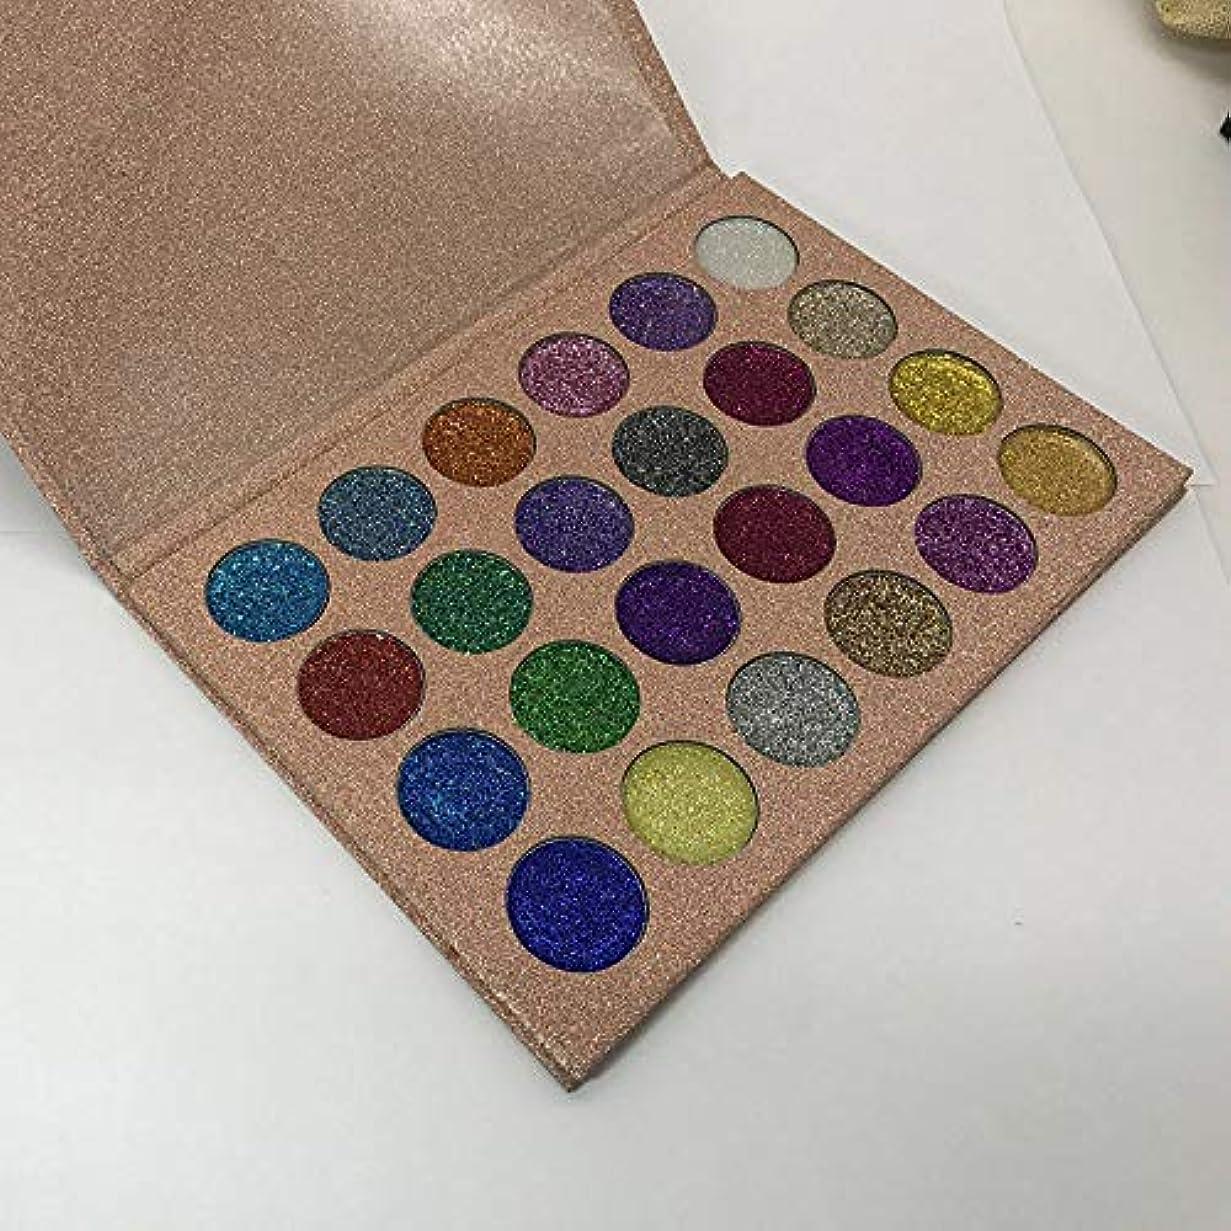 流産シソーラス結核FidgetGear アイシャドウ化粧ファッション24色押しグリッターアイシャドウパレット化粧品